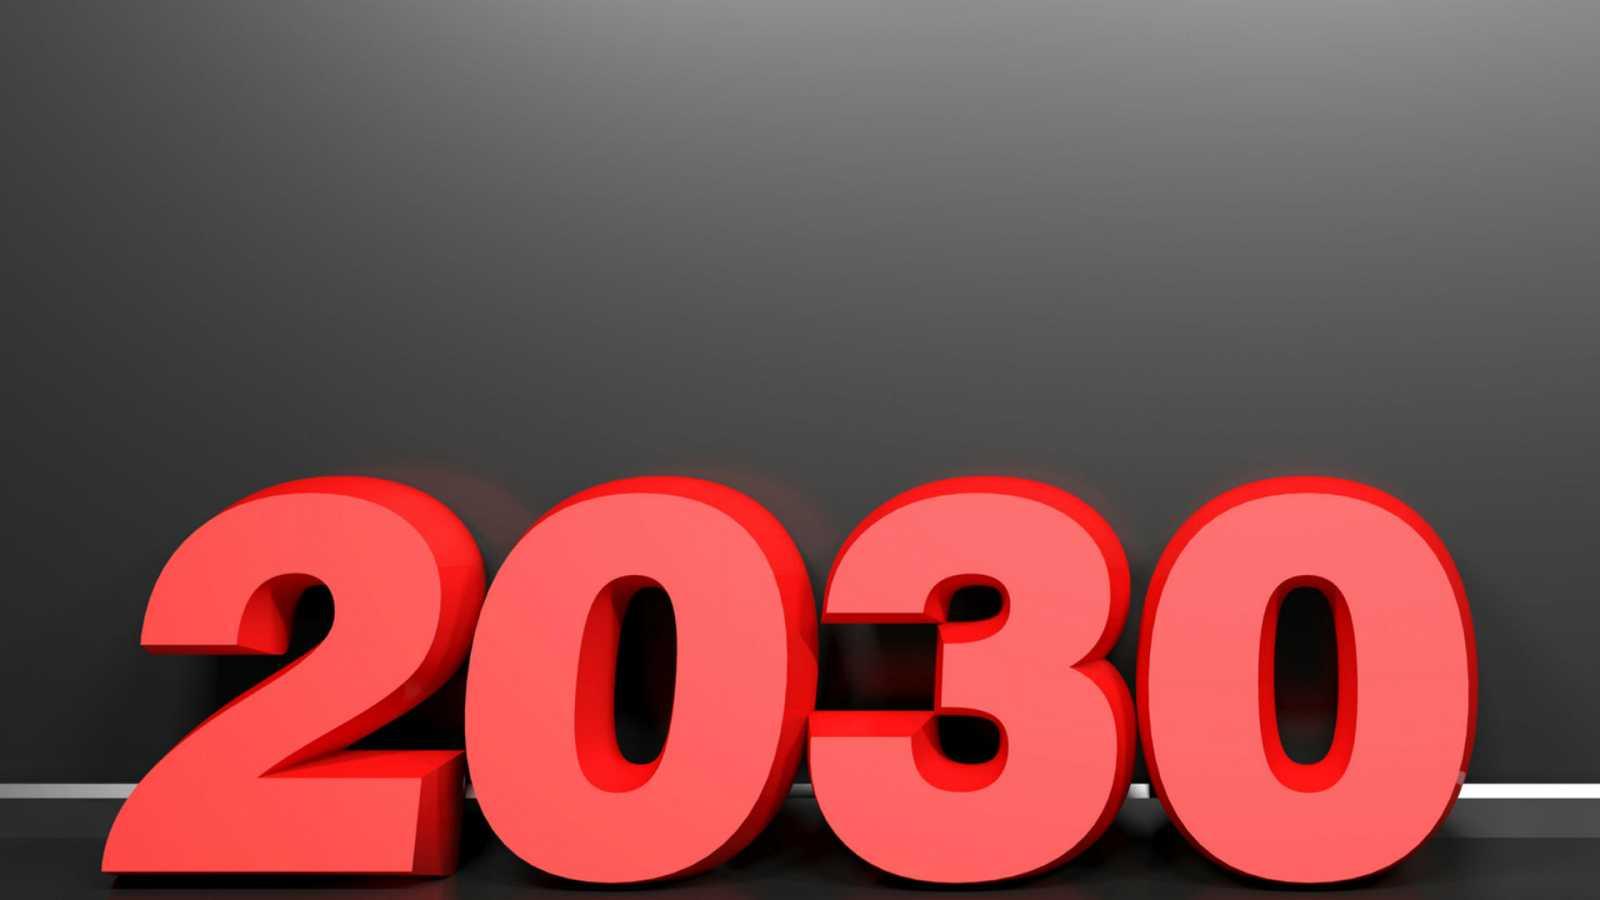 Alianza 2030 - Europa y Latinoamérica ante la Agenda 2030 - 17/05/20 - escuchar ahora